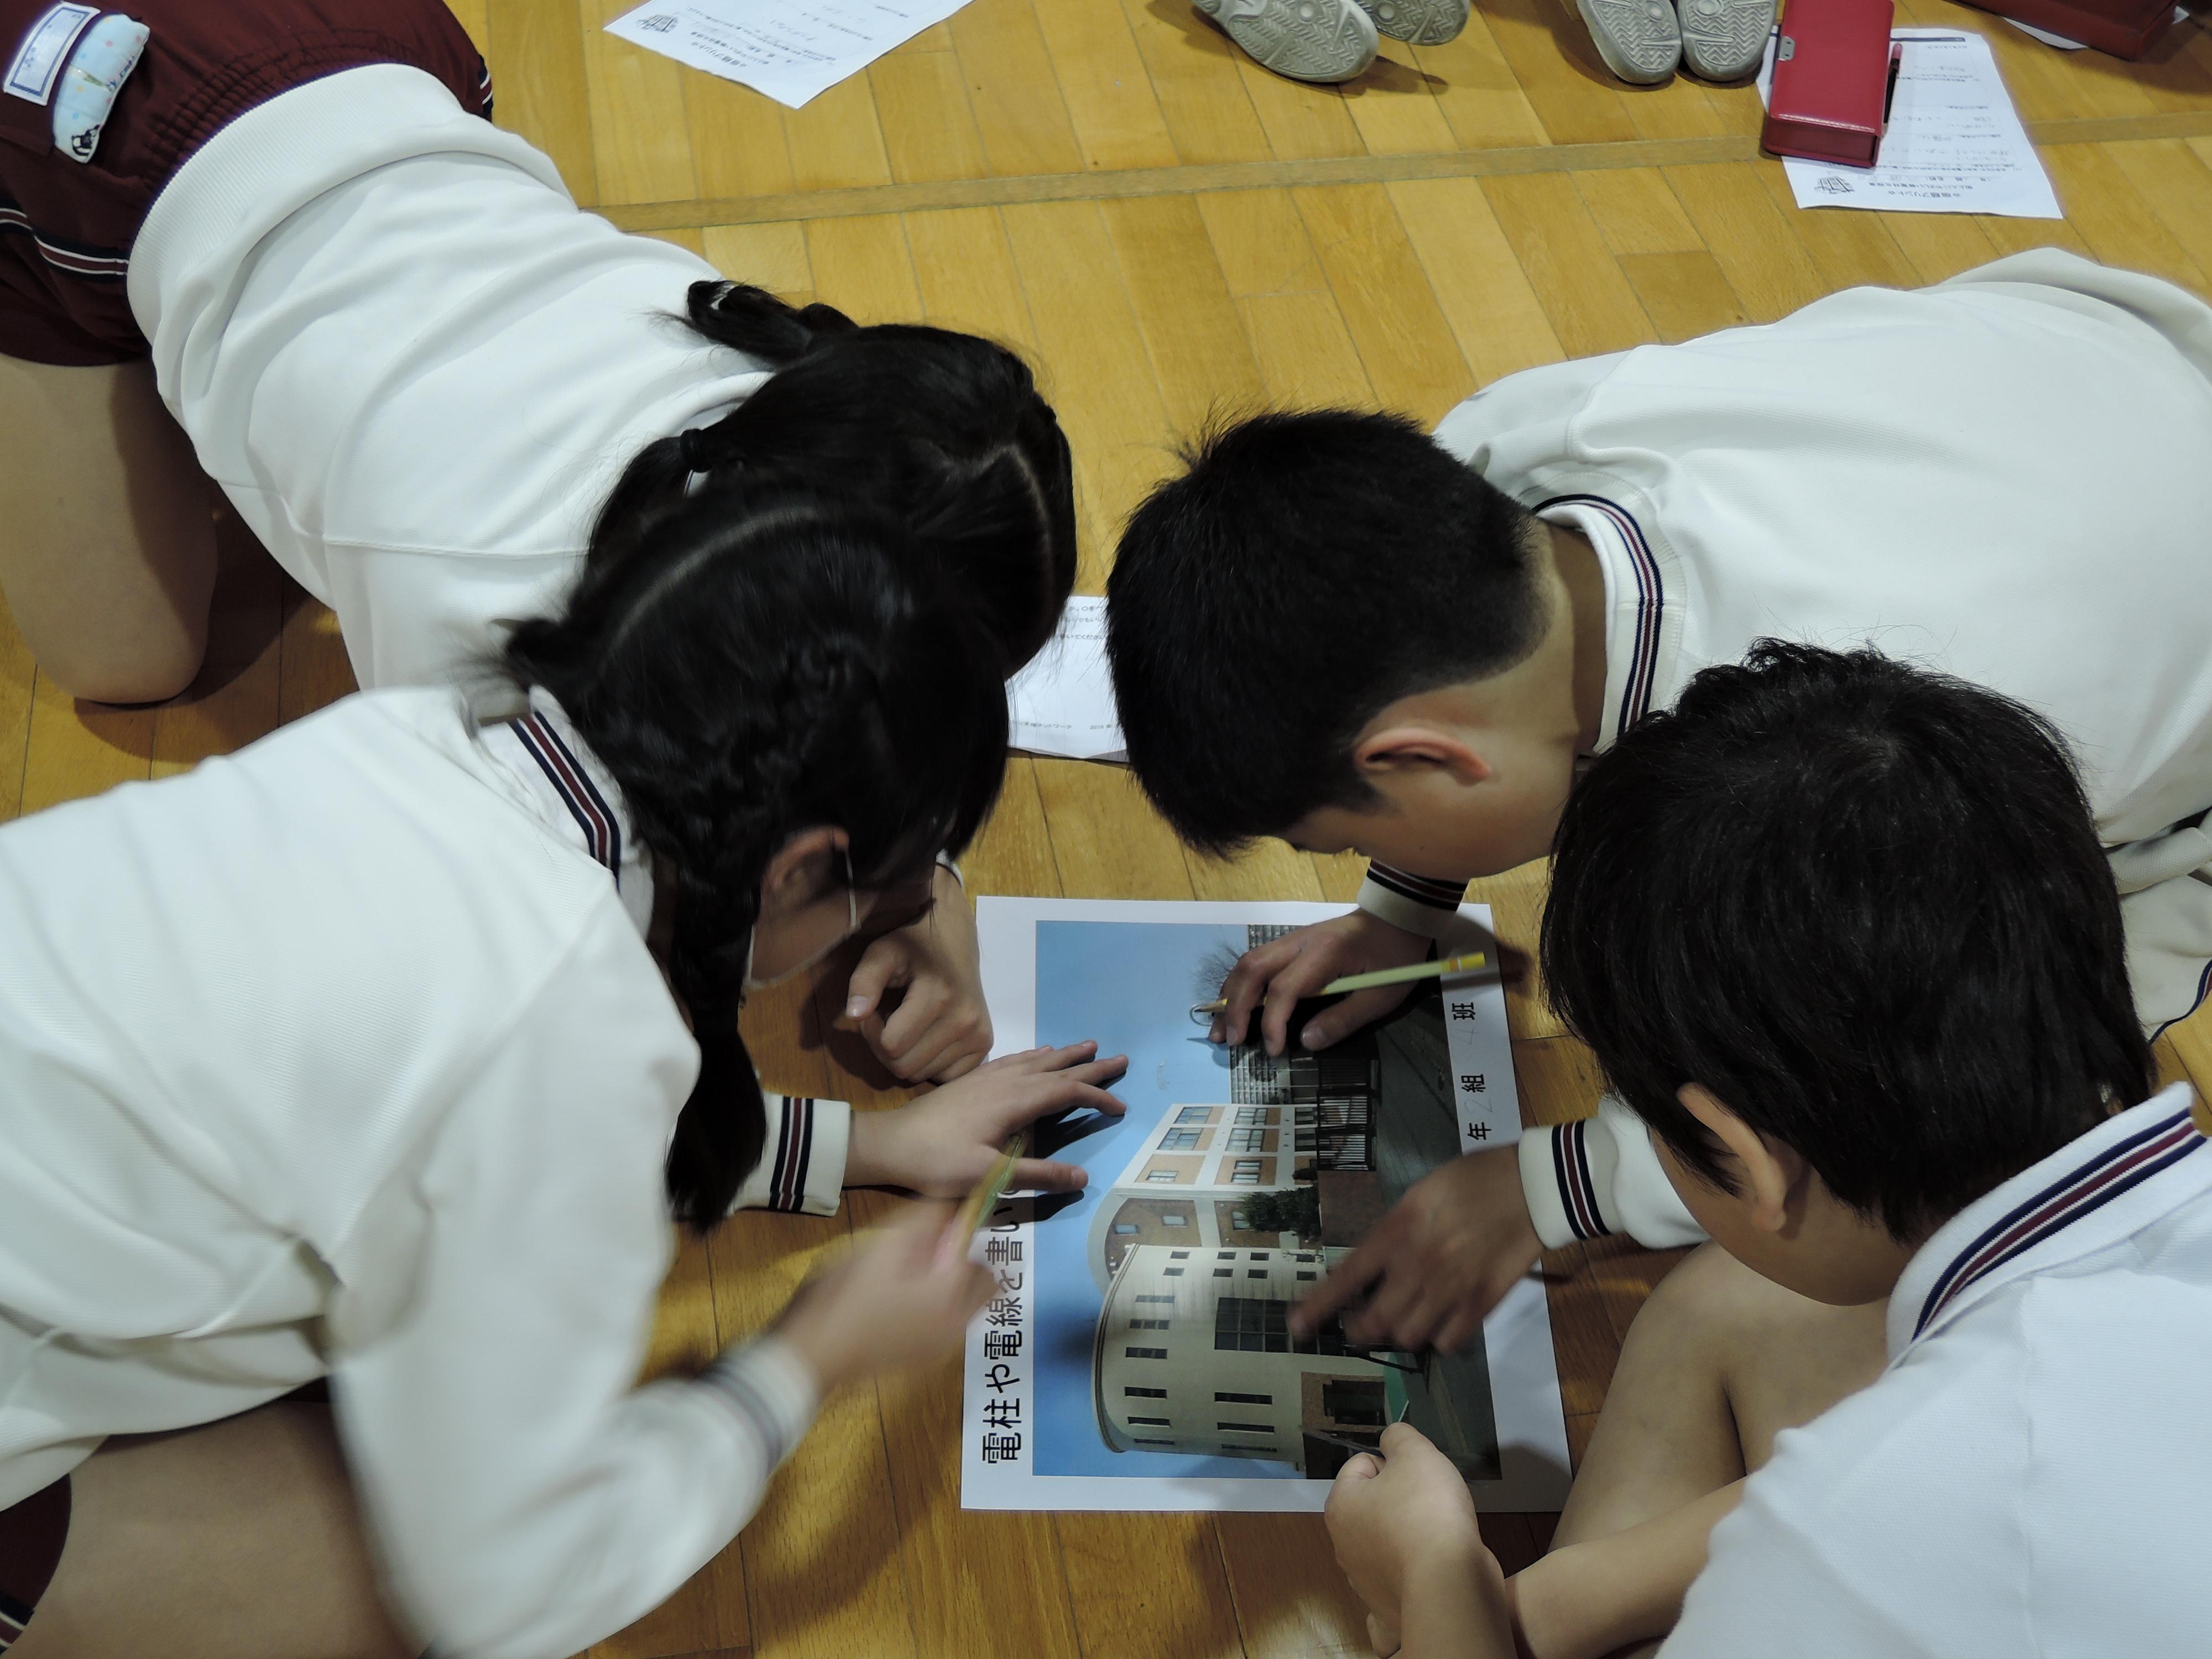 小学生向け「街と人にやさしい無電柱化授業」のイメージ